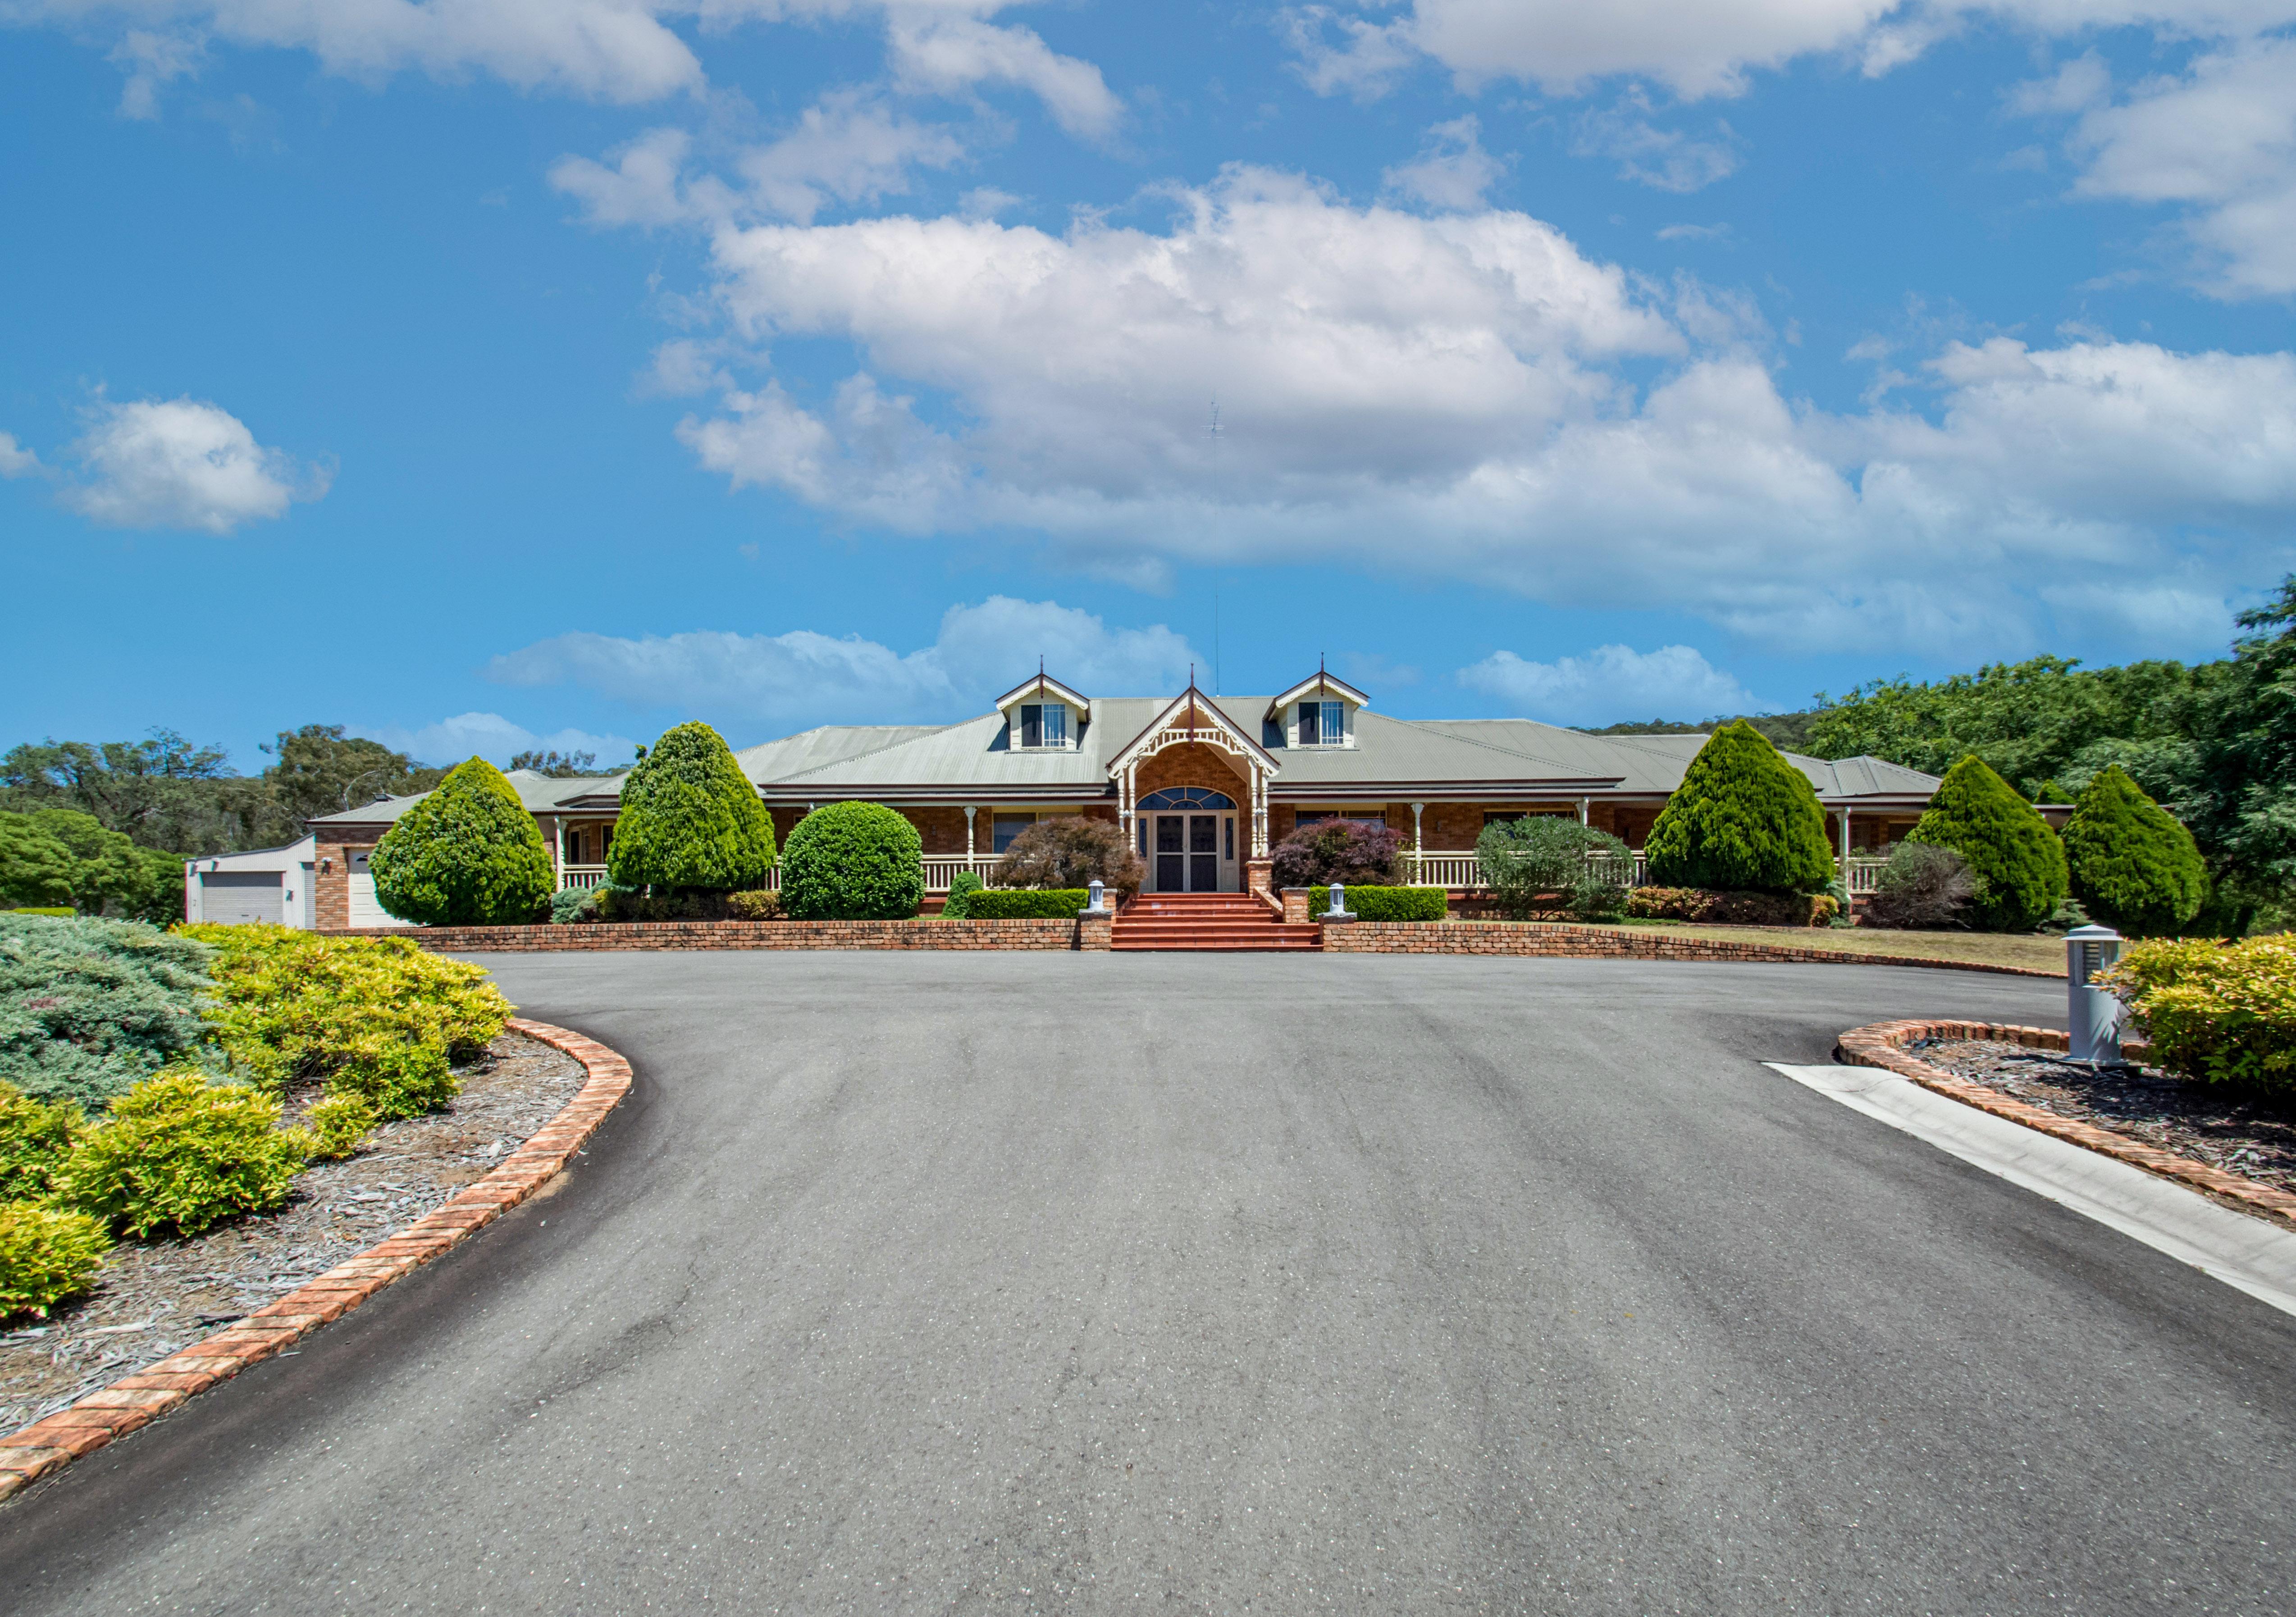 https://assets.boxdice.com.au/dukes-estate-agents/attachments/879/d4e/selling_your_home.jpg?3fff12879164c8542dd16030e4605efb